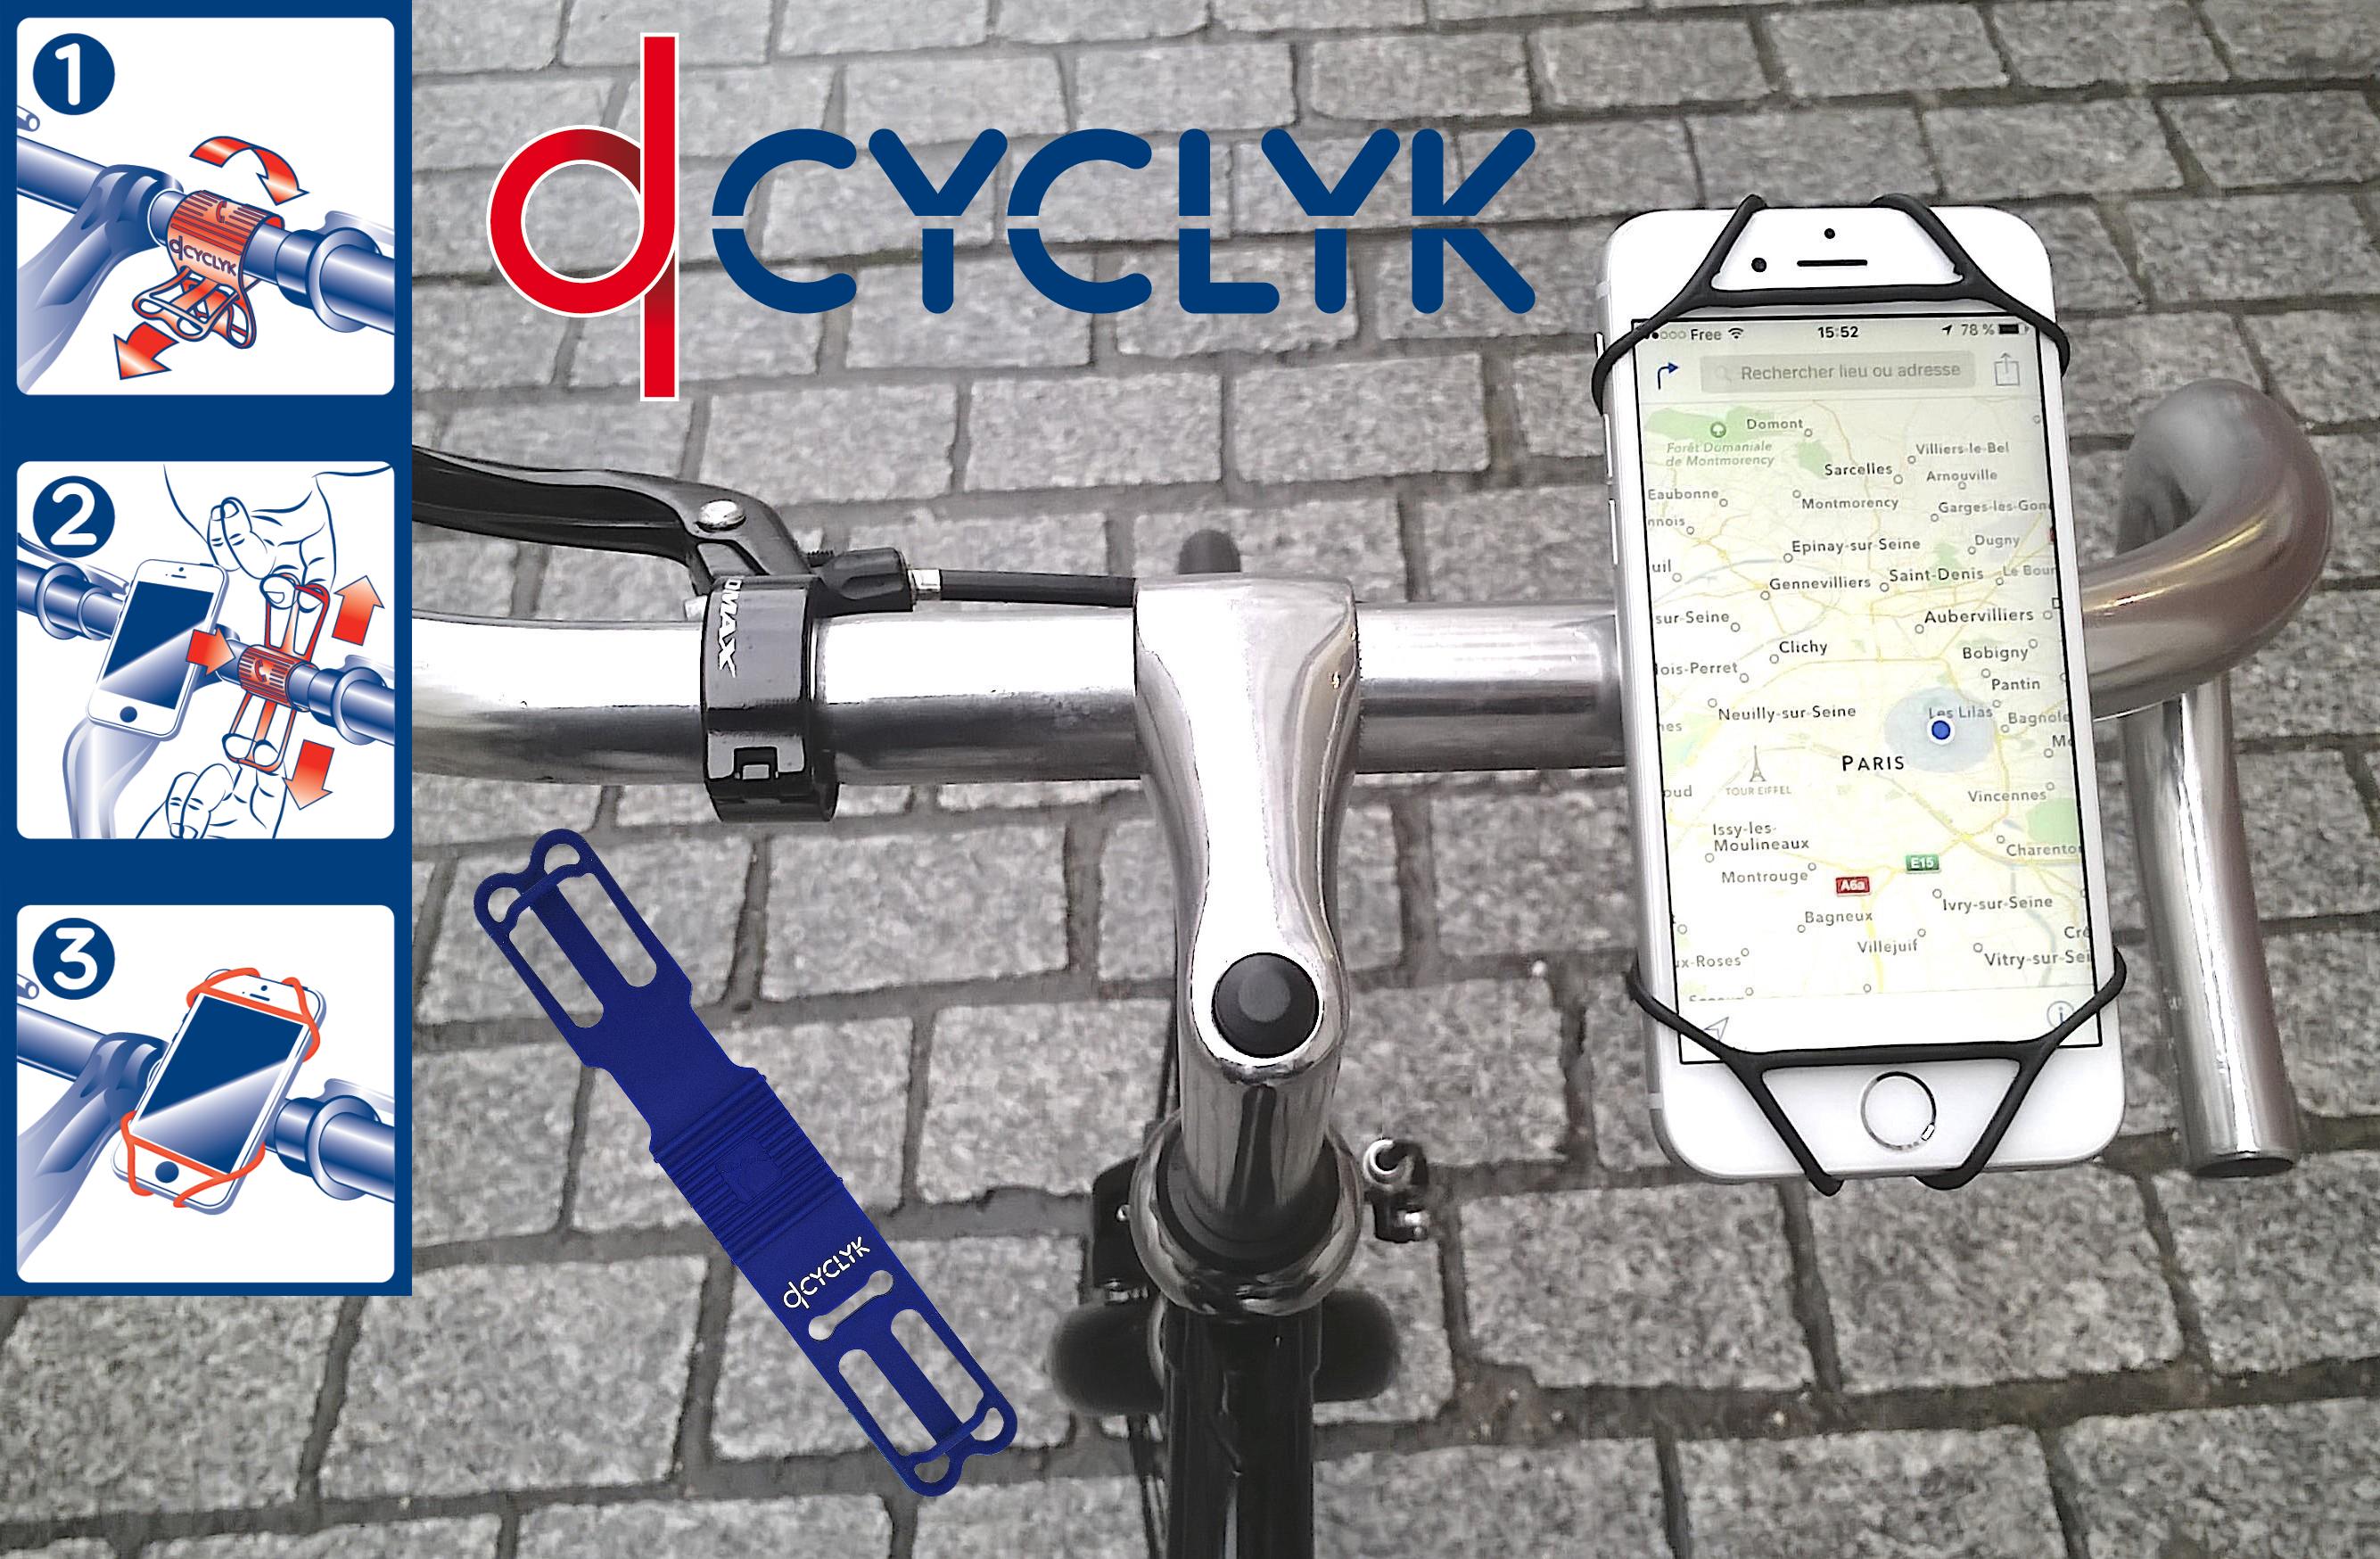 Cyclykサイクリック商品画像